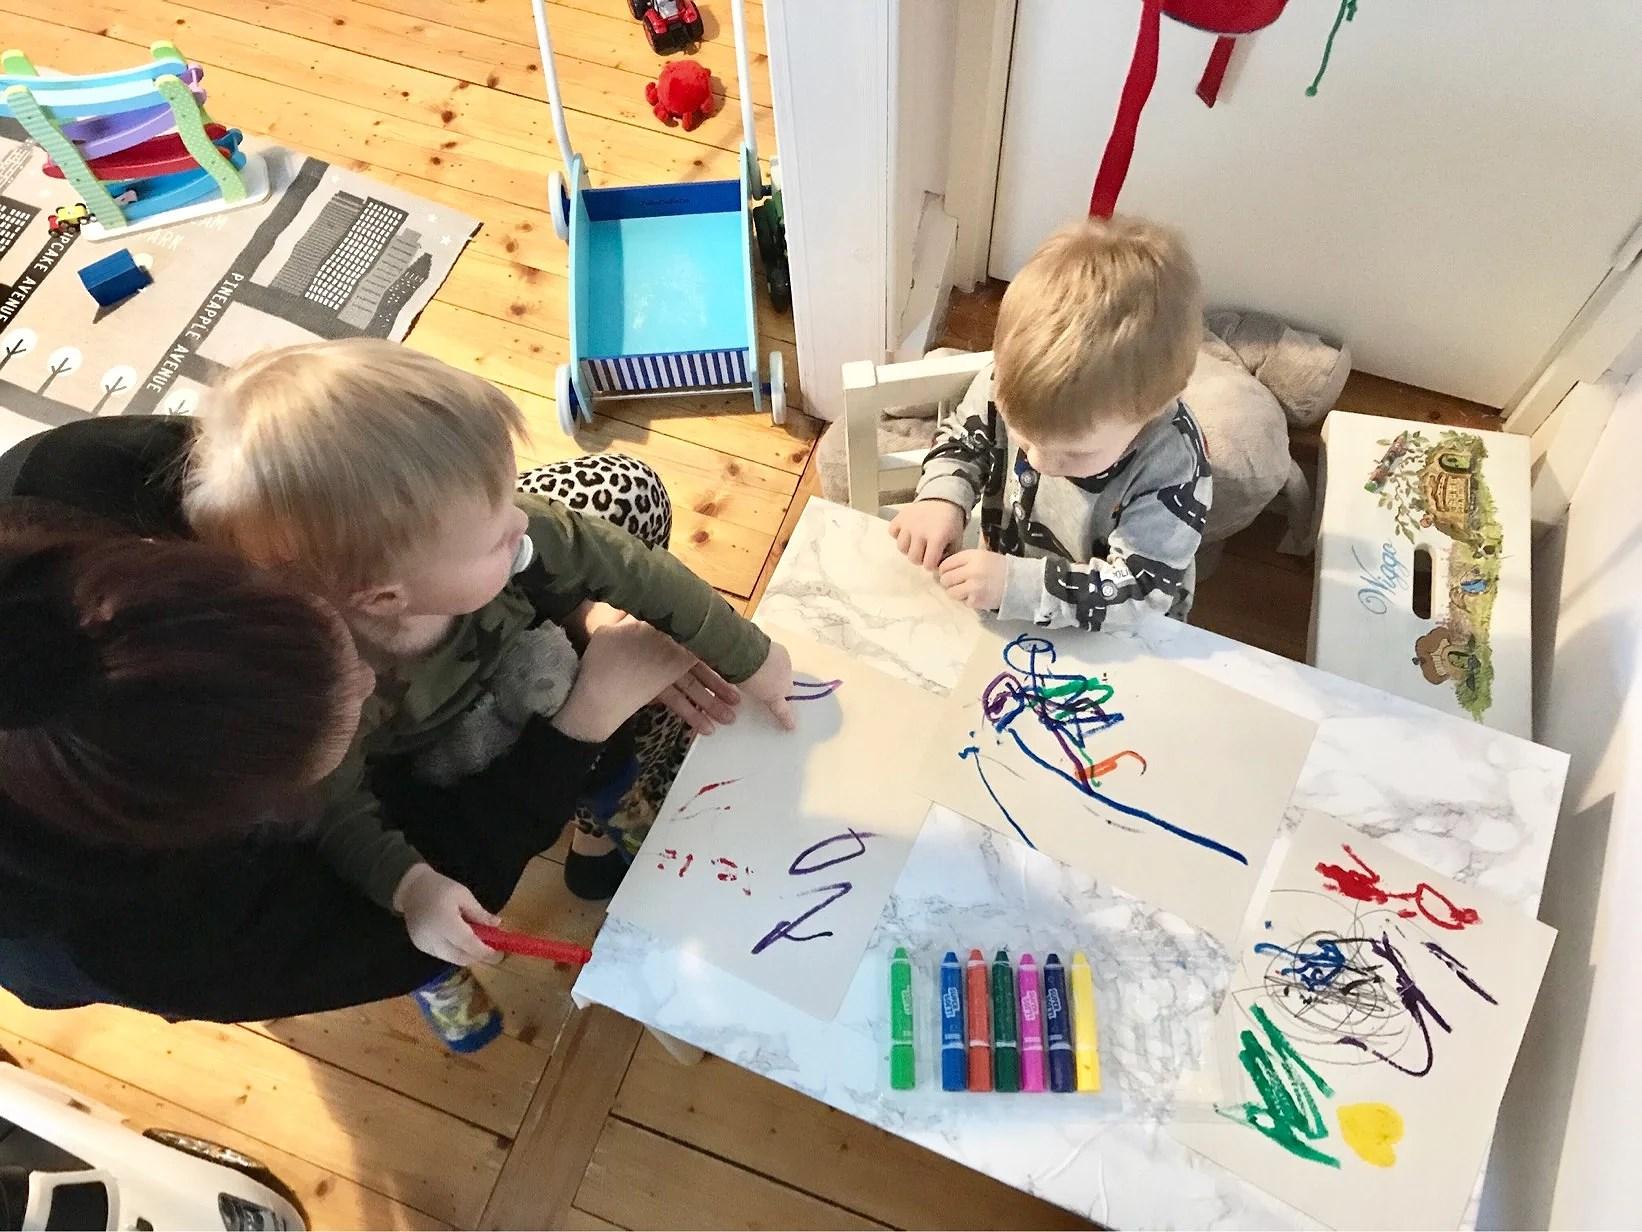 FULLT ÖS & KONSTIGA VÄRKAR